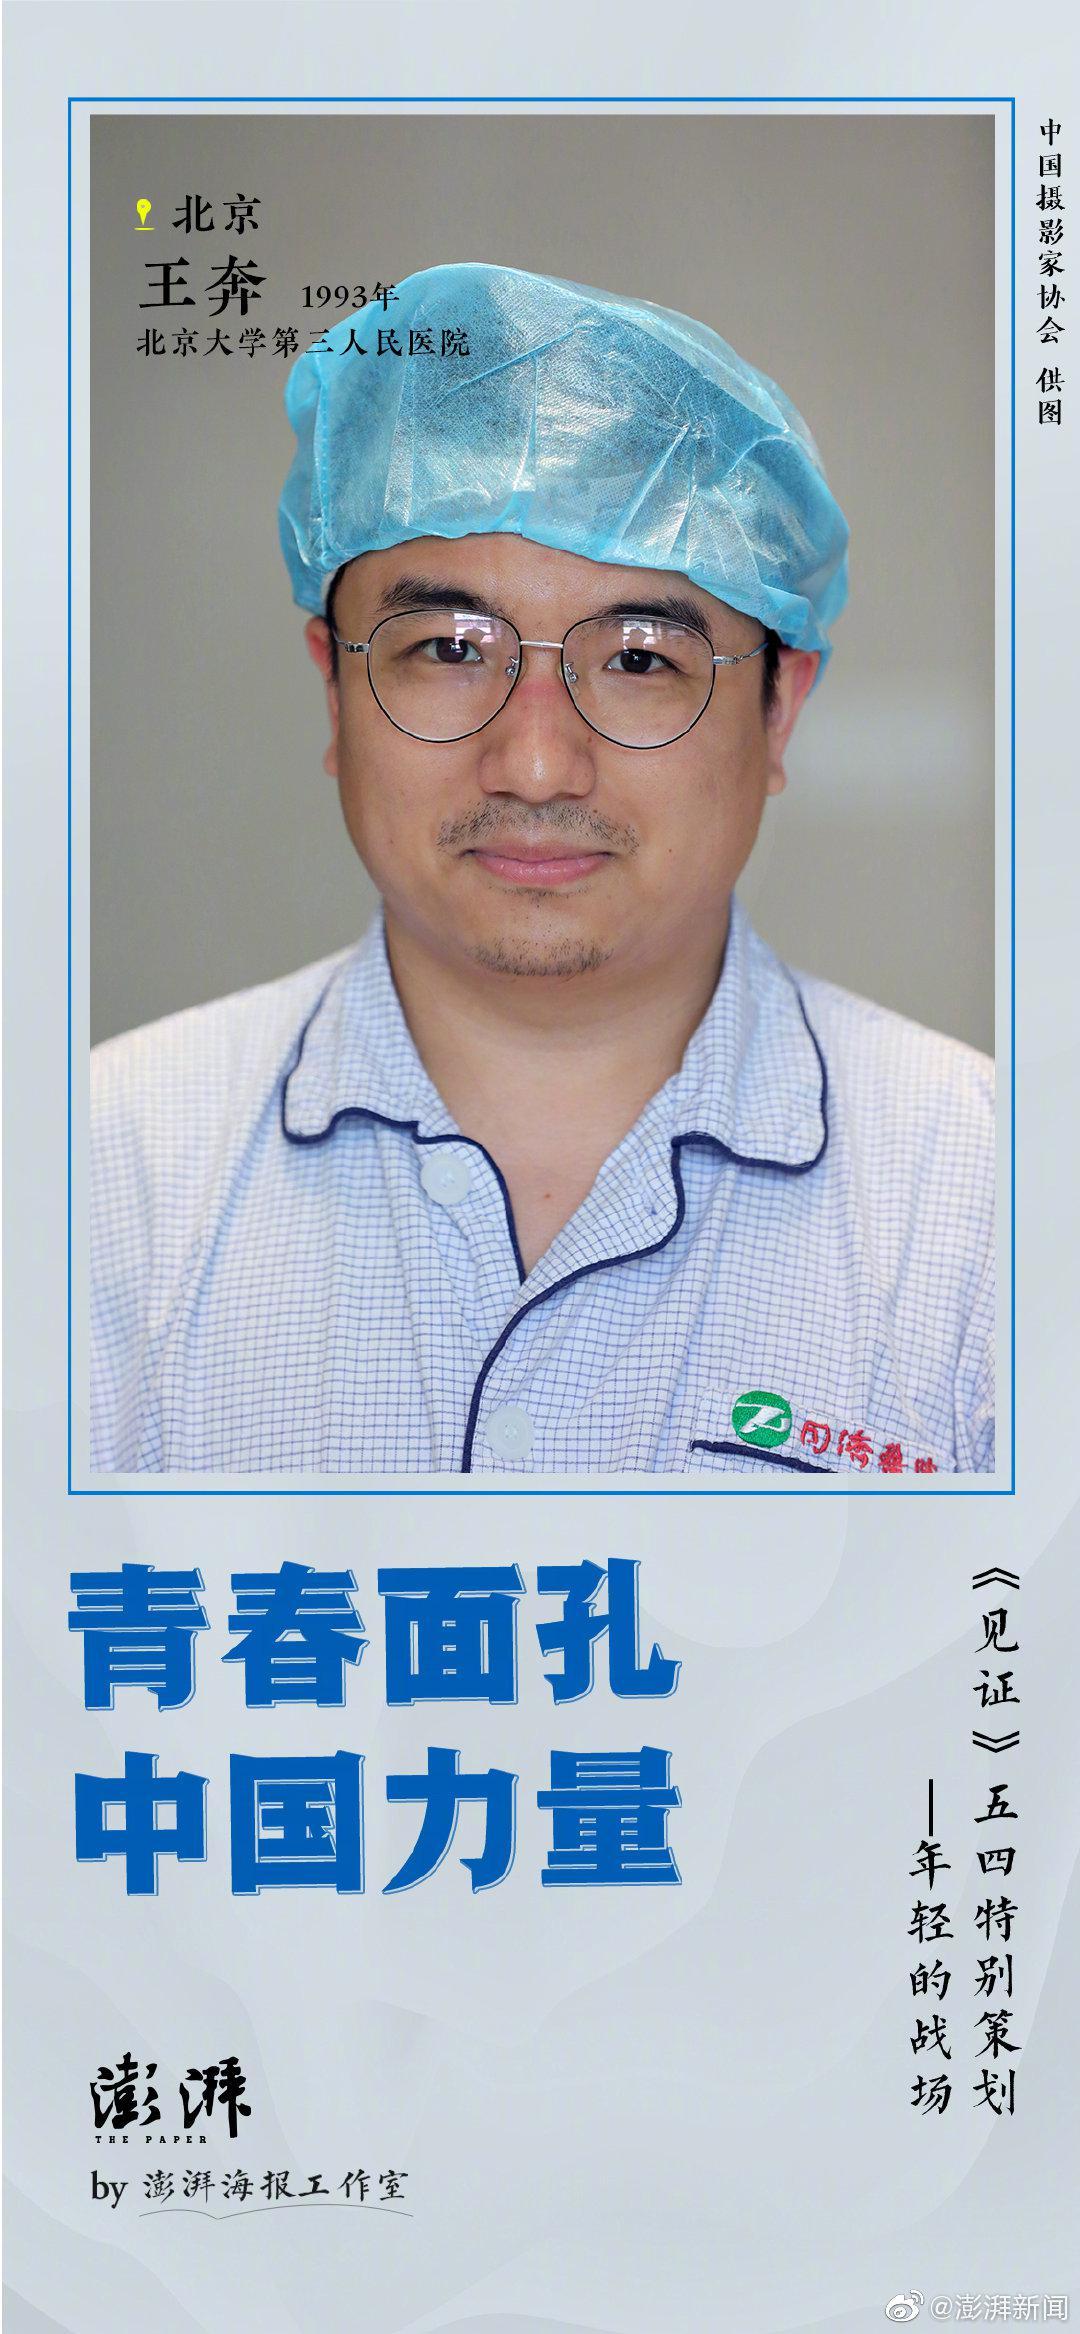 杏悦娱乐:见证杏悦娱乐五四特别策划年轻的战图片